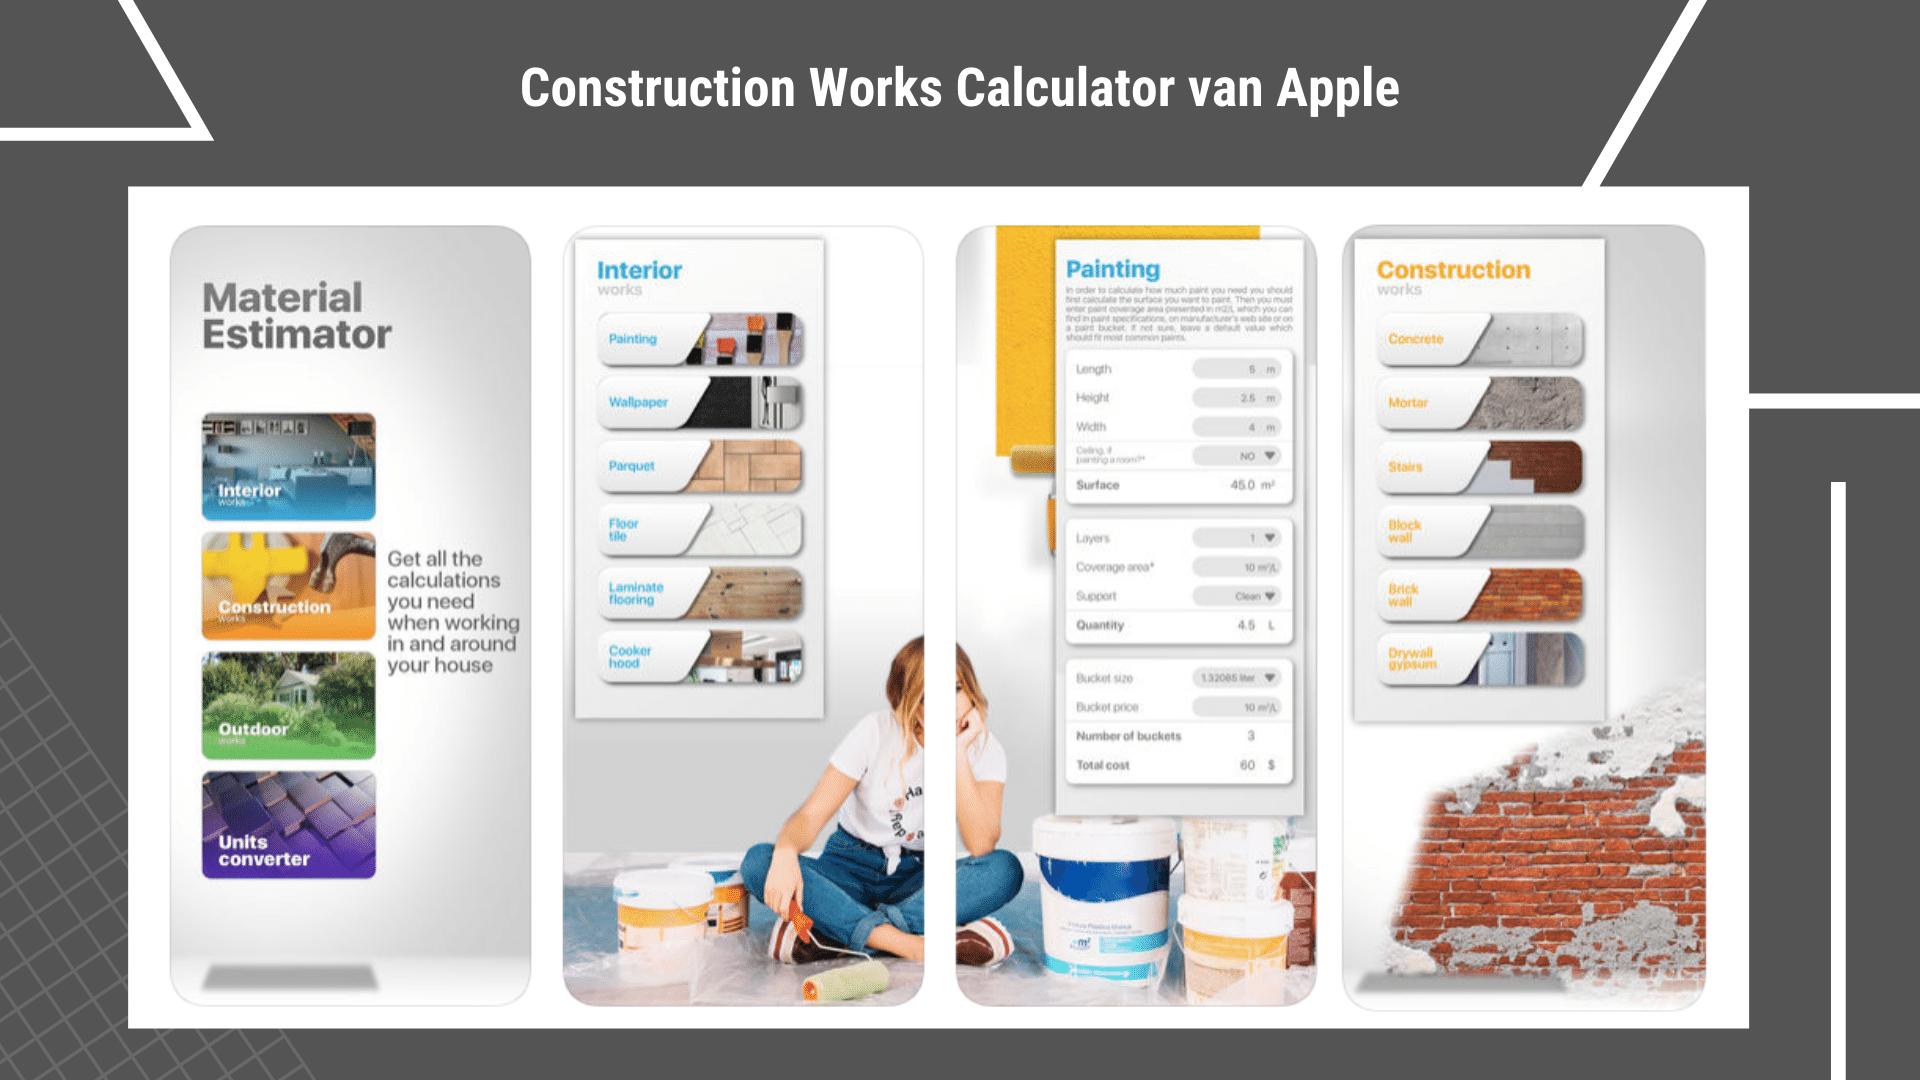 17 Eenvoudige Gratis Apps voor de Bouw - Construction Works | ArchiSnapper